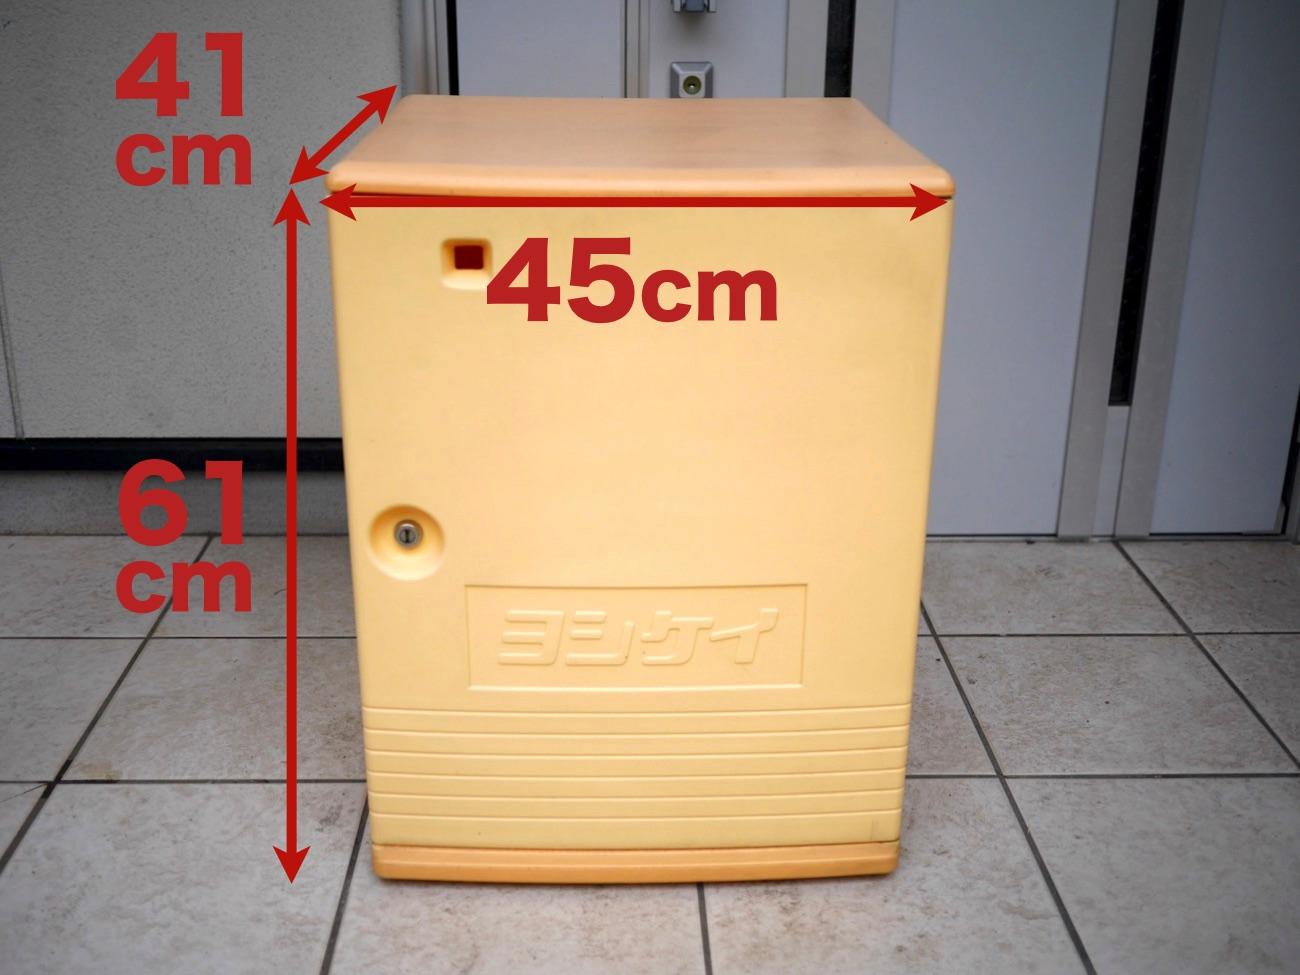 「あんしんBOX」のサイズ